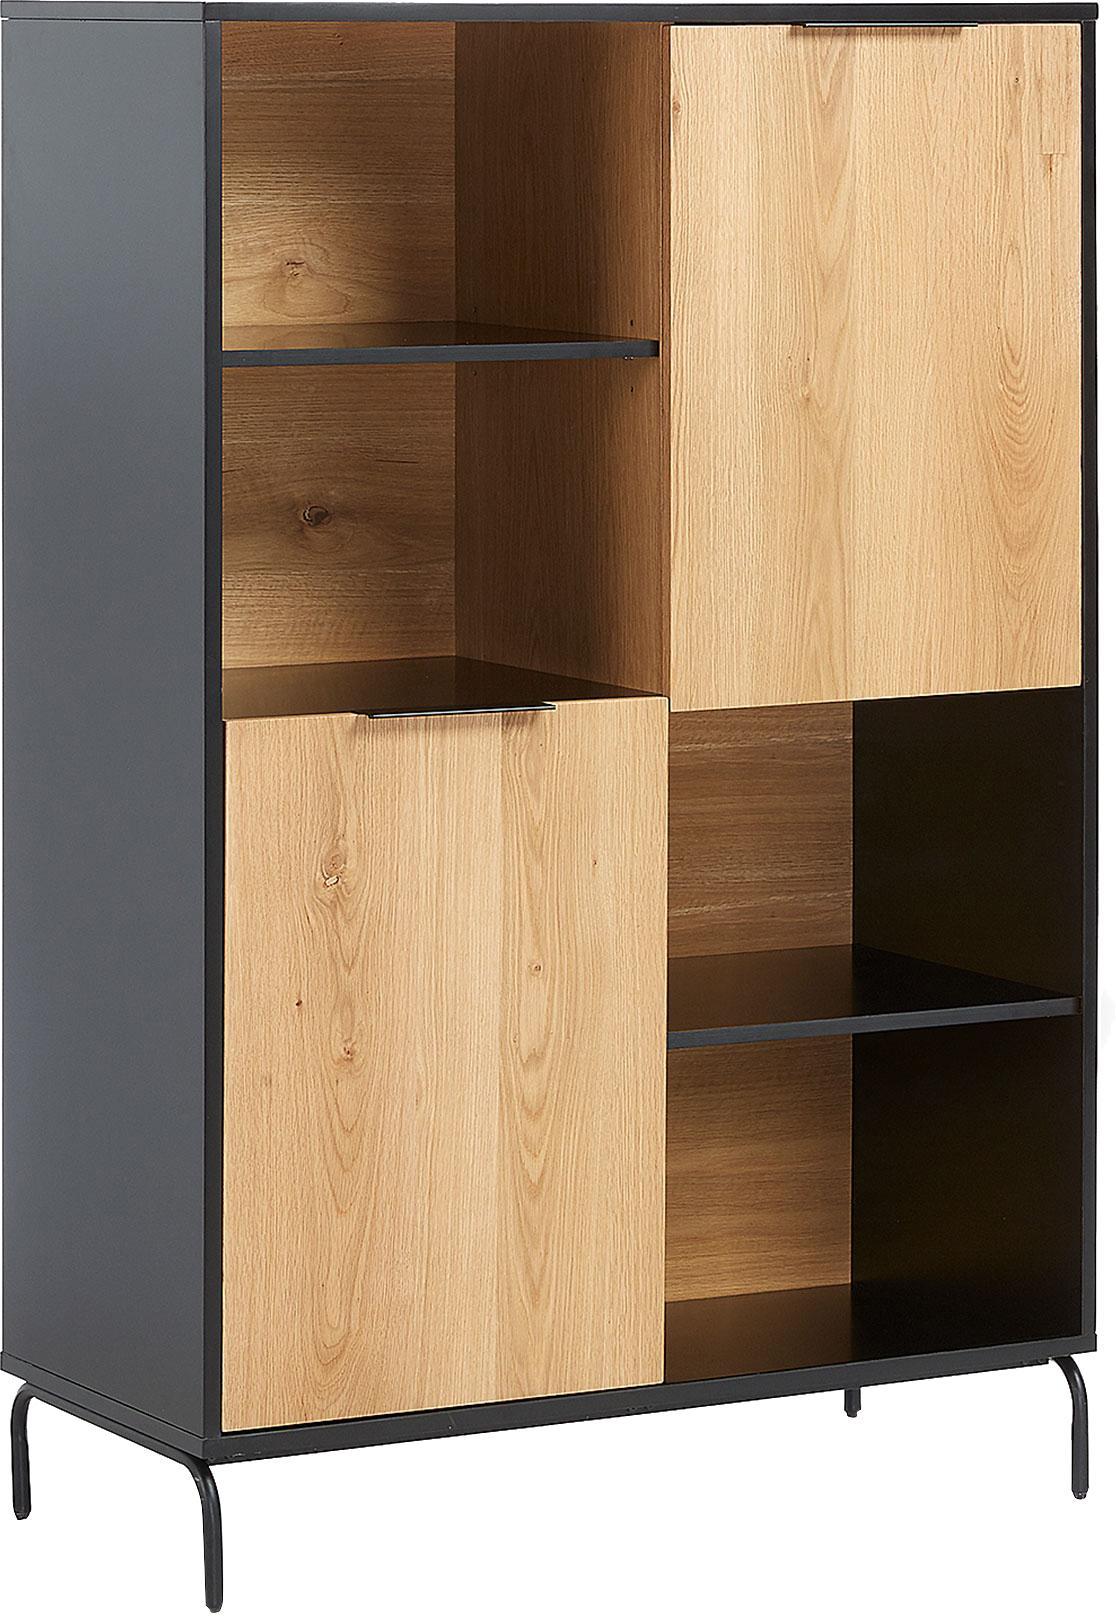 Highboard Stellar mit 2 Türen aus Eichenholzfurnier, Korpus: Mitteldichte Holzfaserpla, Front: Mitteldichte Holzfaserpla, Schwarz, Eichenholz, 100 x 150 cm